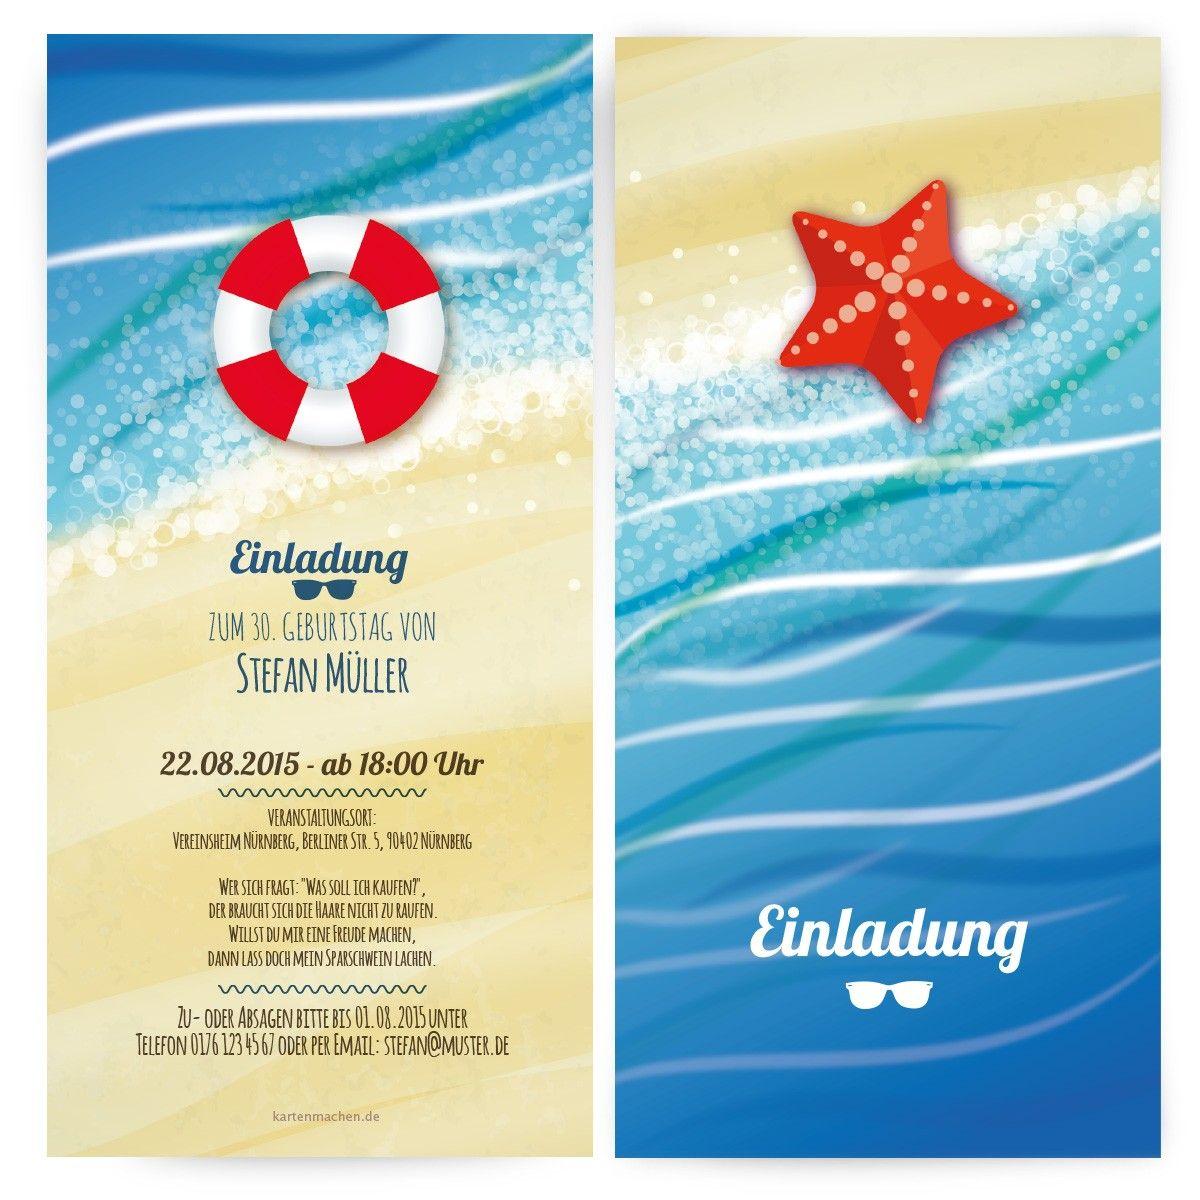 Einladungen Zum Geburtstag   Strand U0026 Meer #geburtstag #einladung  #geburtstagseinladung #strand #